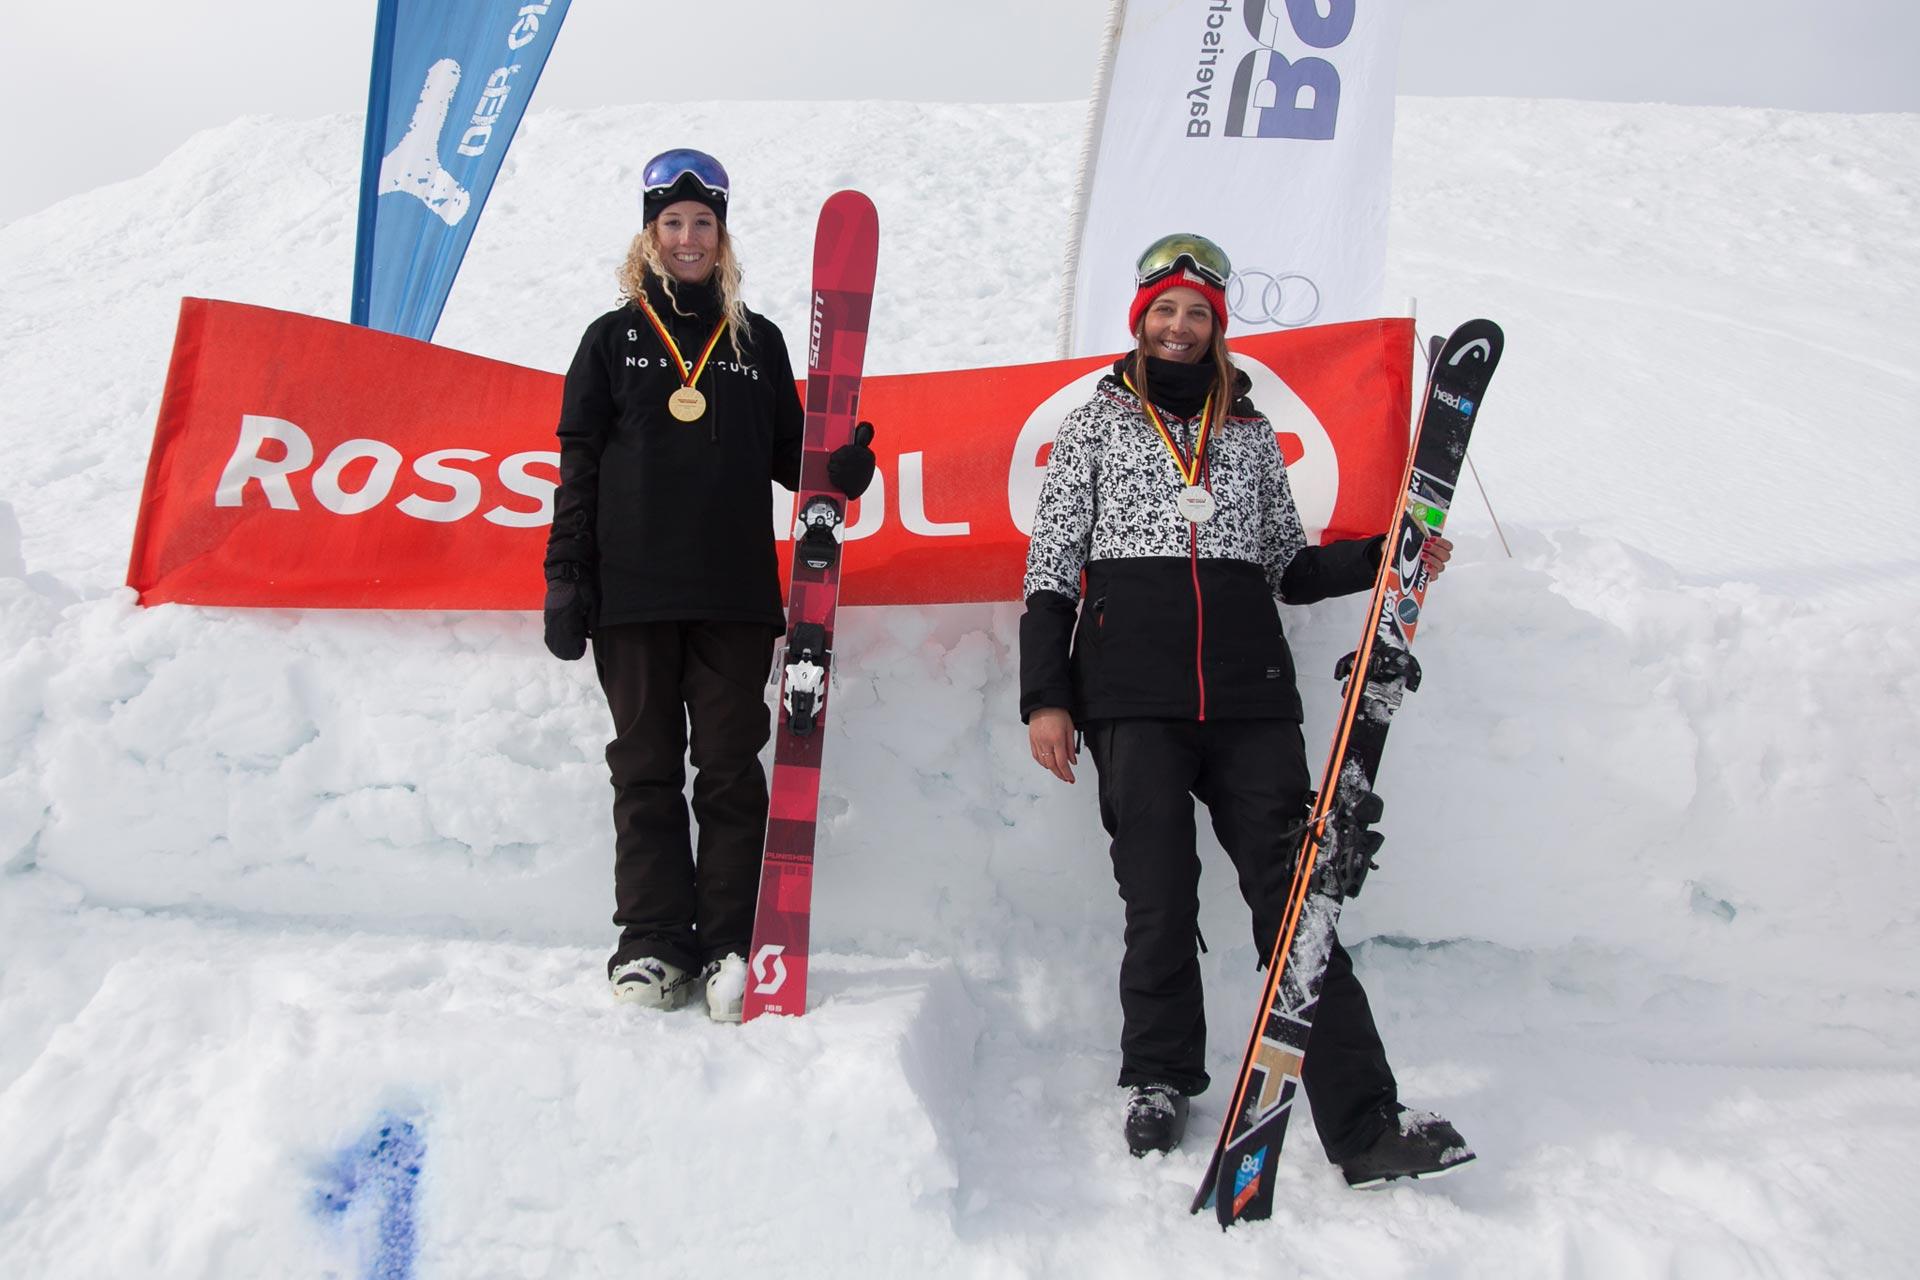 Die neue deutsche Meisterin im Big Air heißt Nina Schlickenrider, Sabrina Cakmakli landet auf dem zweiten Platz.